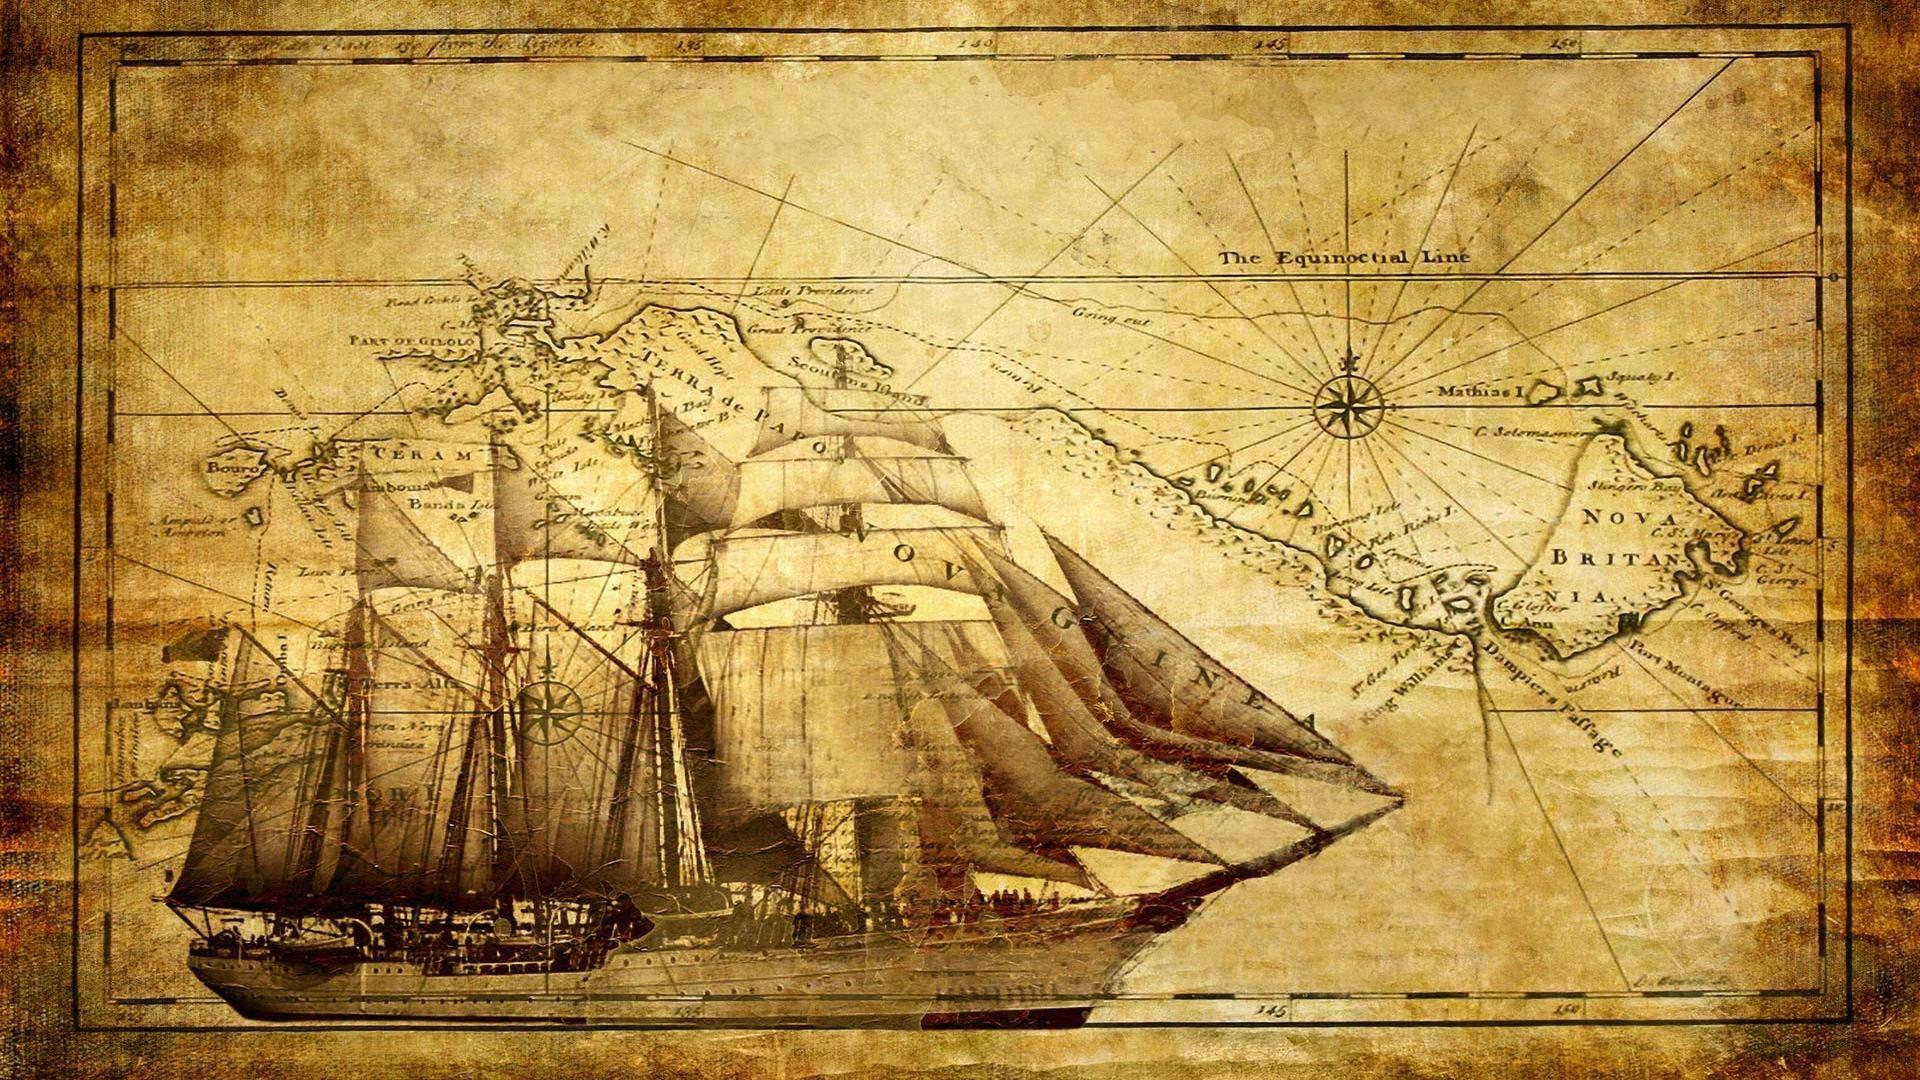 Wallpaper Gambar Lukisan Ilustrasi Kapal Kapal Layar Peta